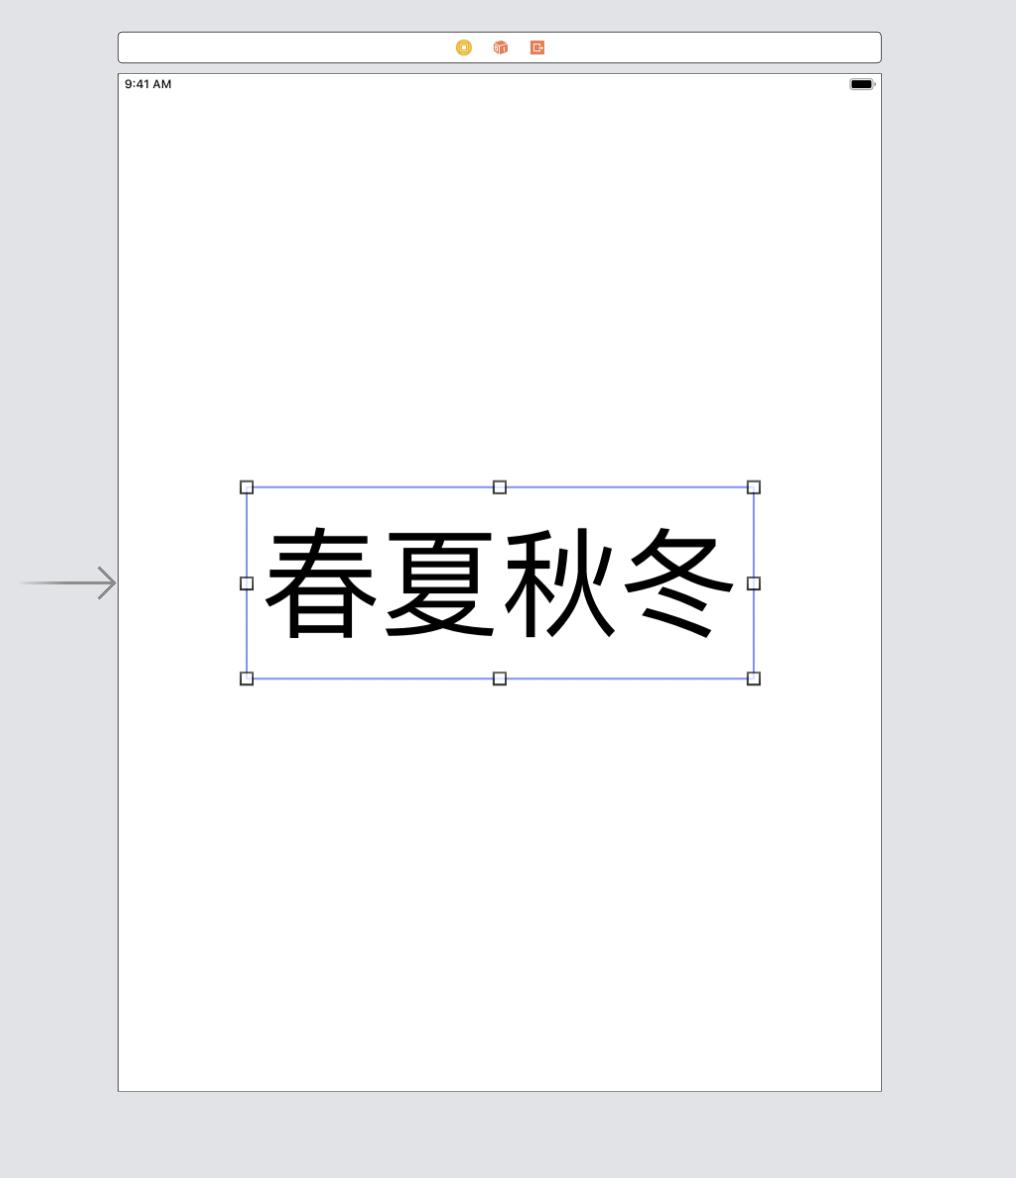 f:id:nn_hokuson:20190806210143p:plain:w300